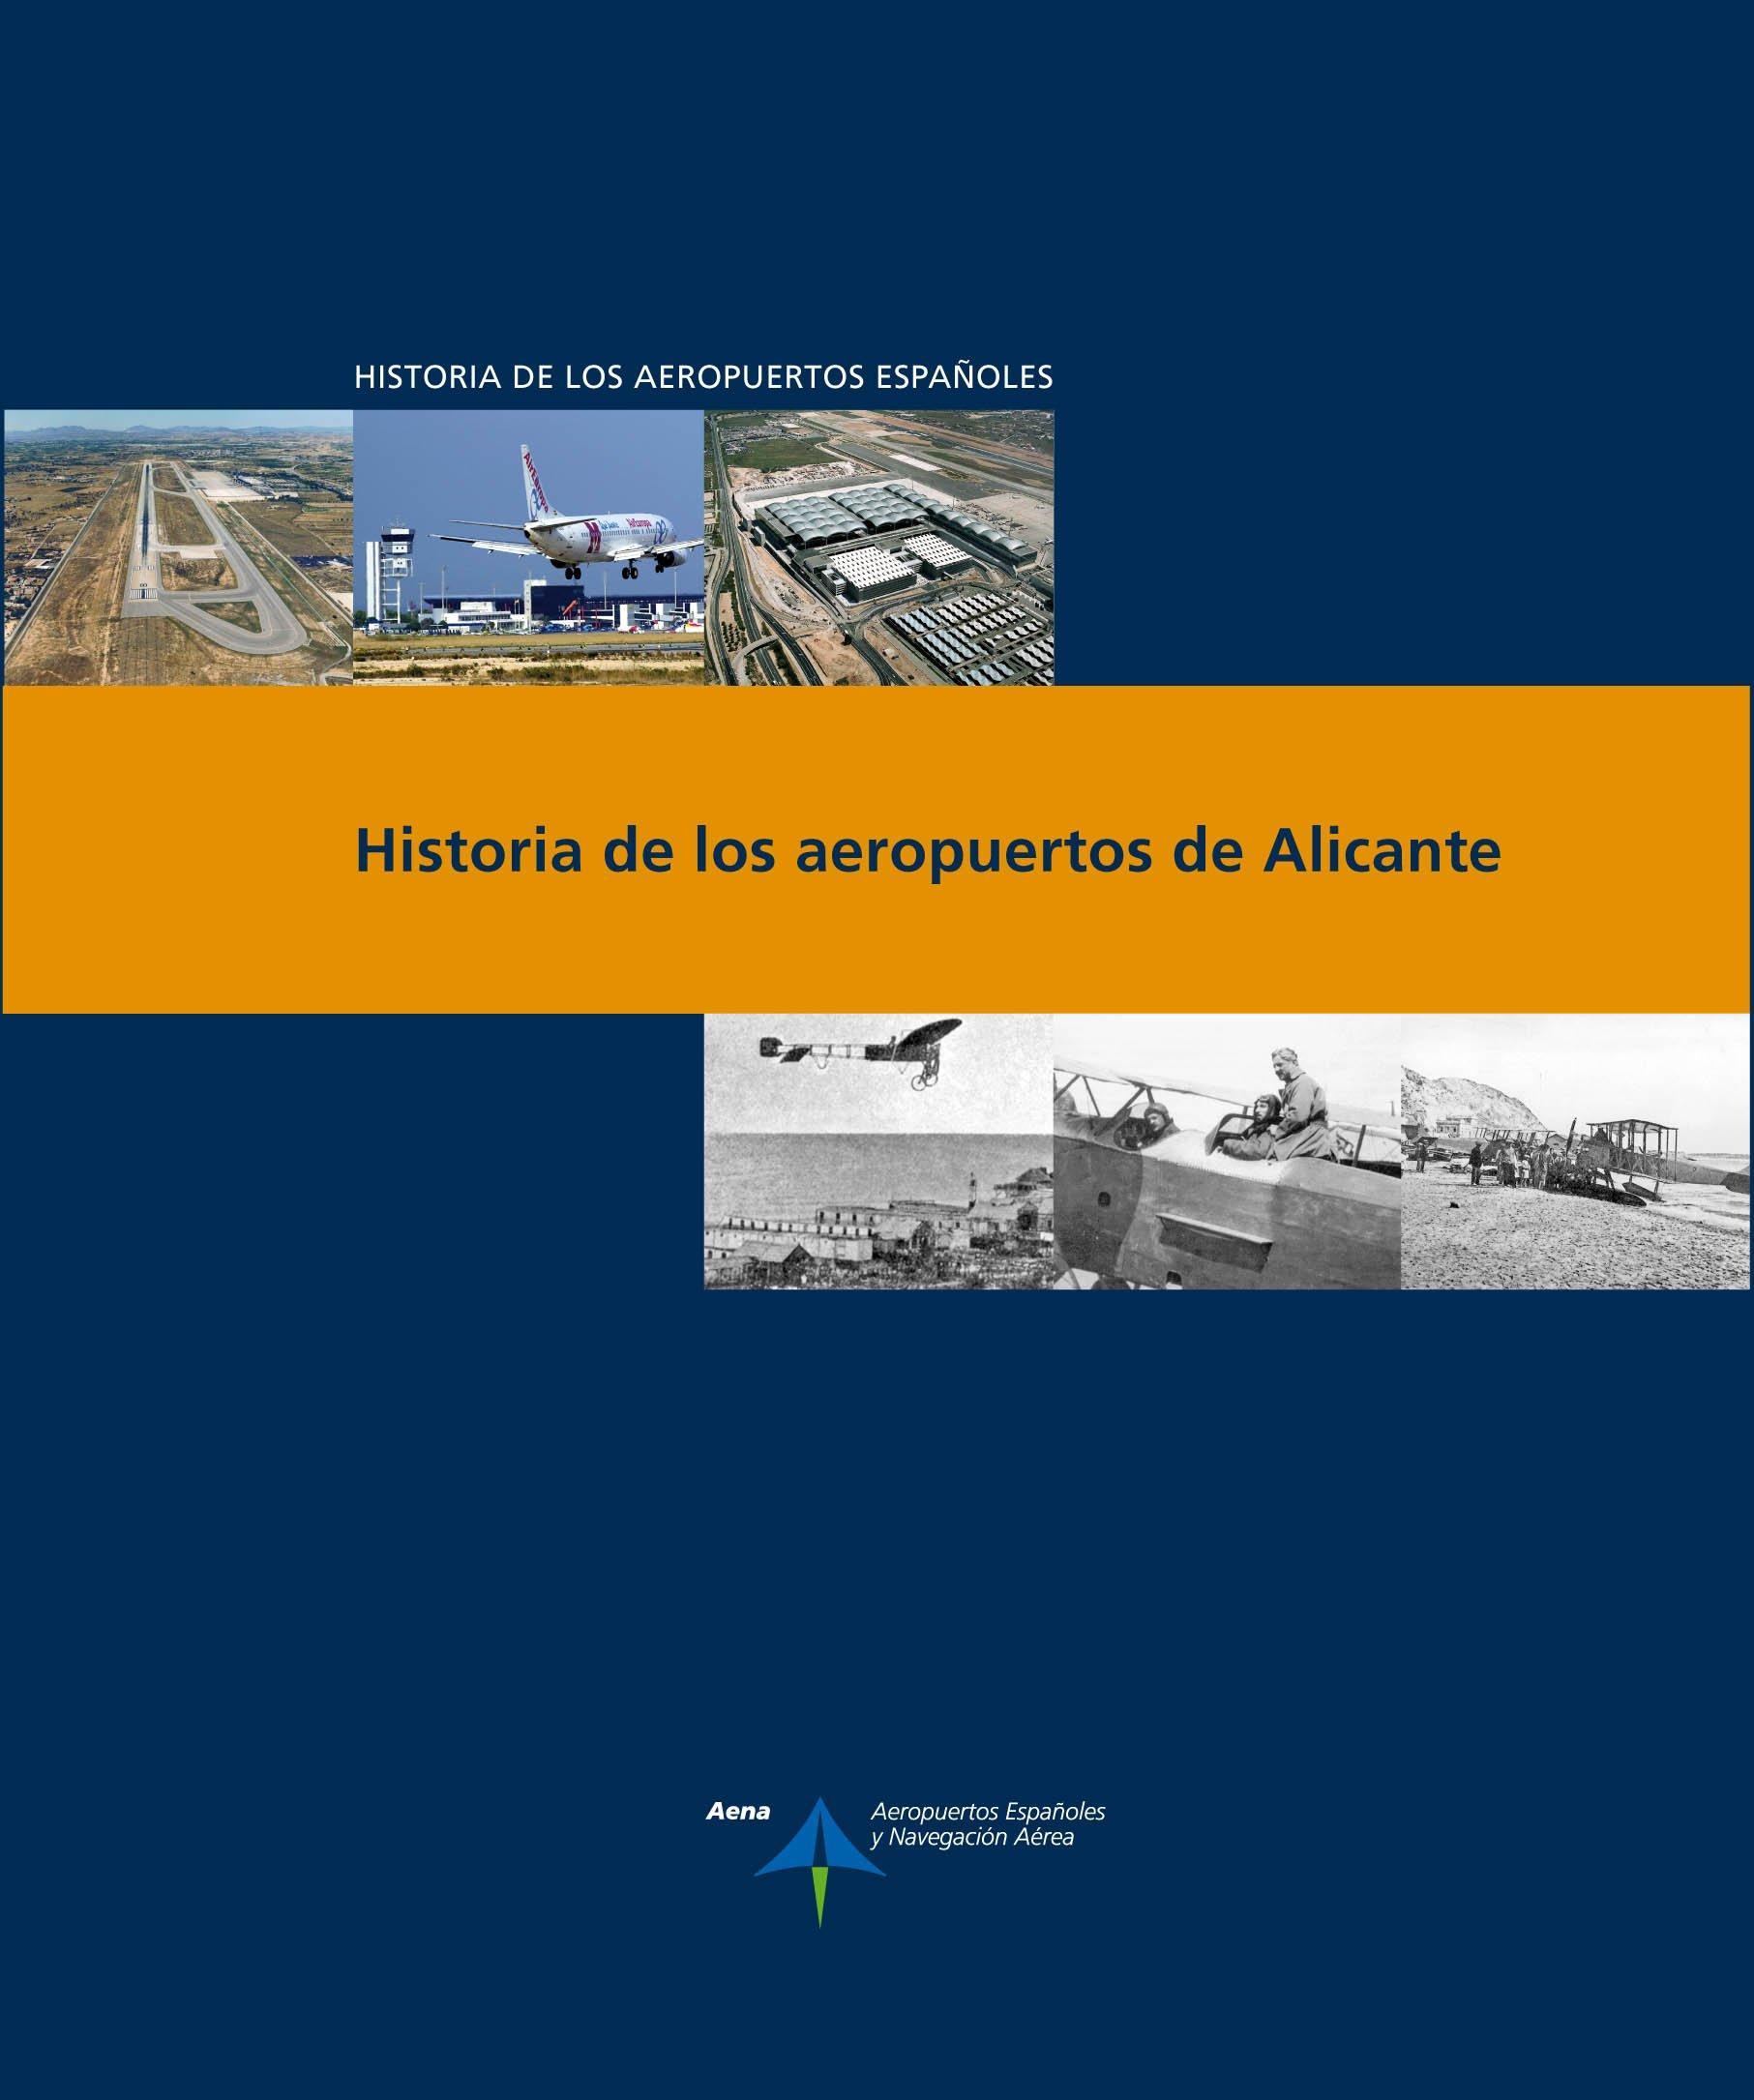 Historia de los aeropuertos de Alicante Historia de los aeropuertos españoles: Amazon.es: Luis Utrilla: Libros